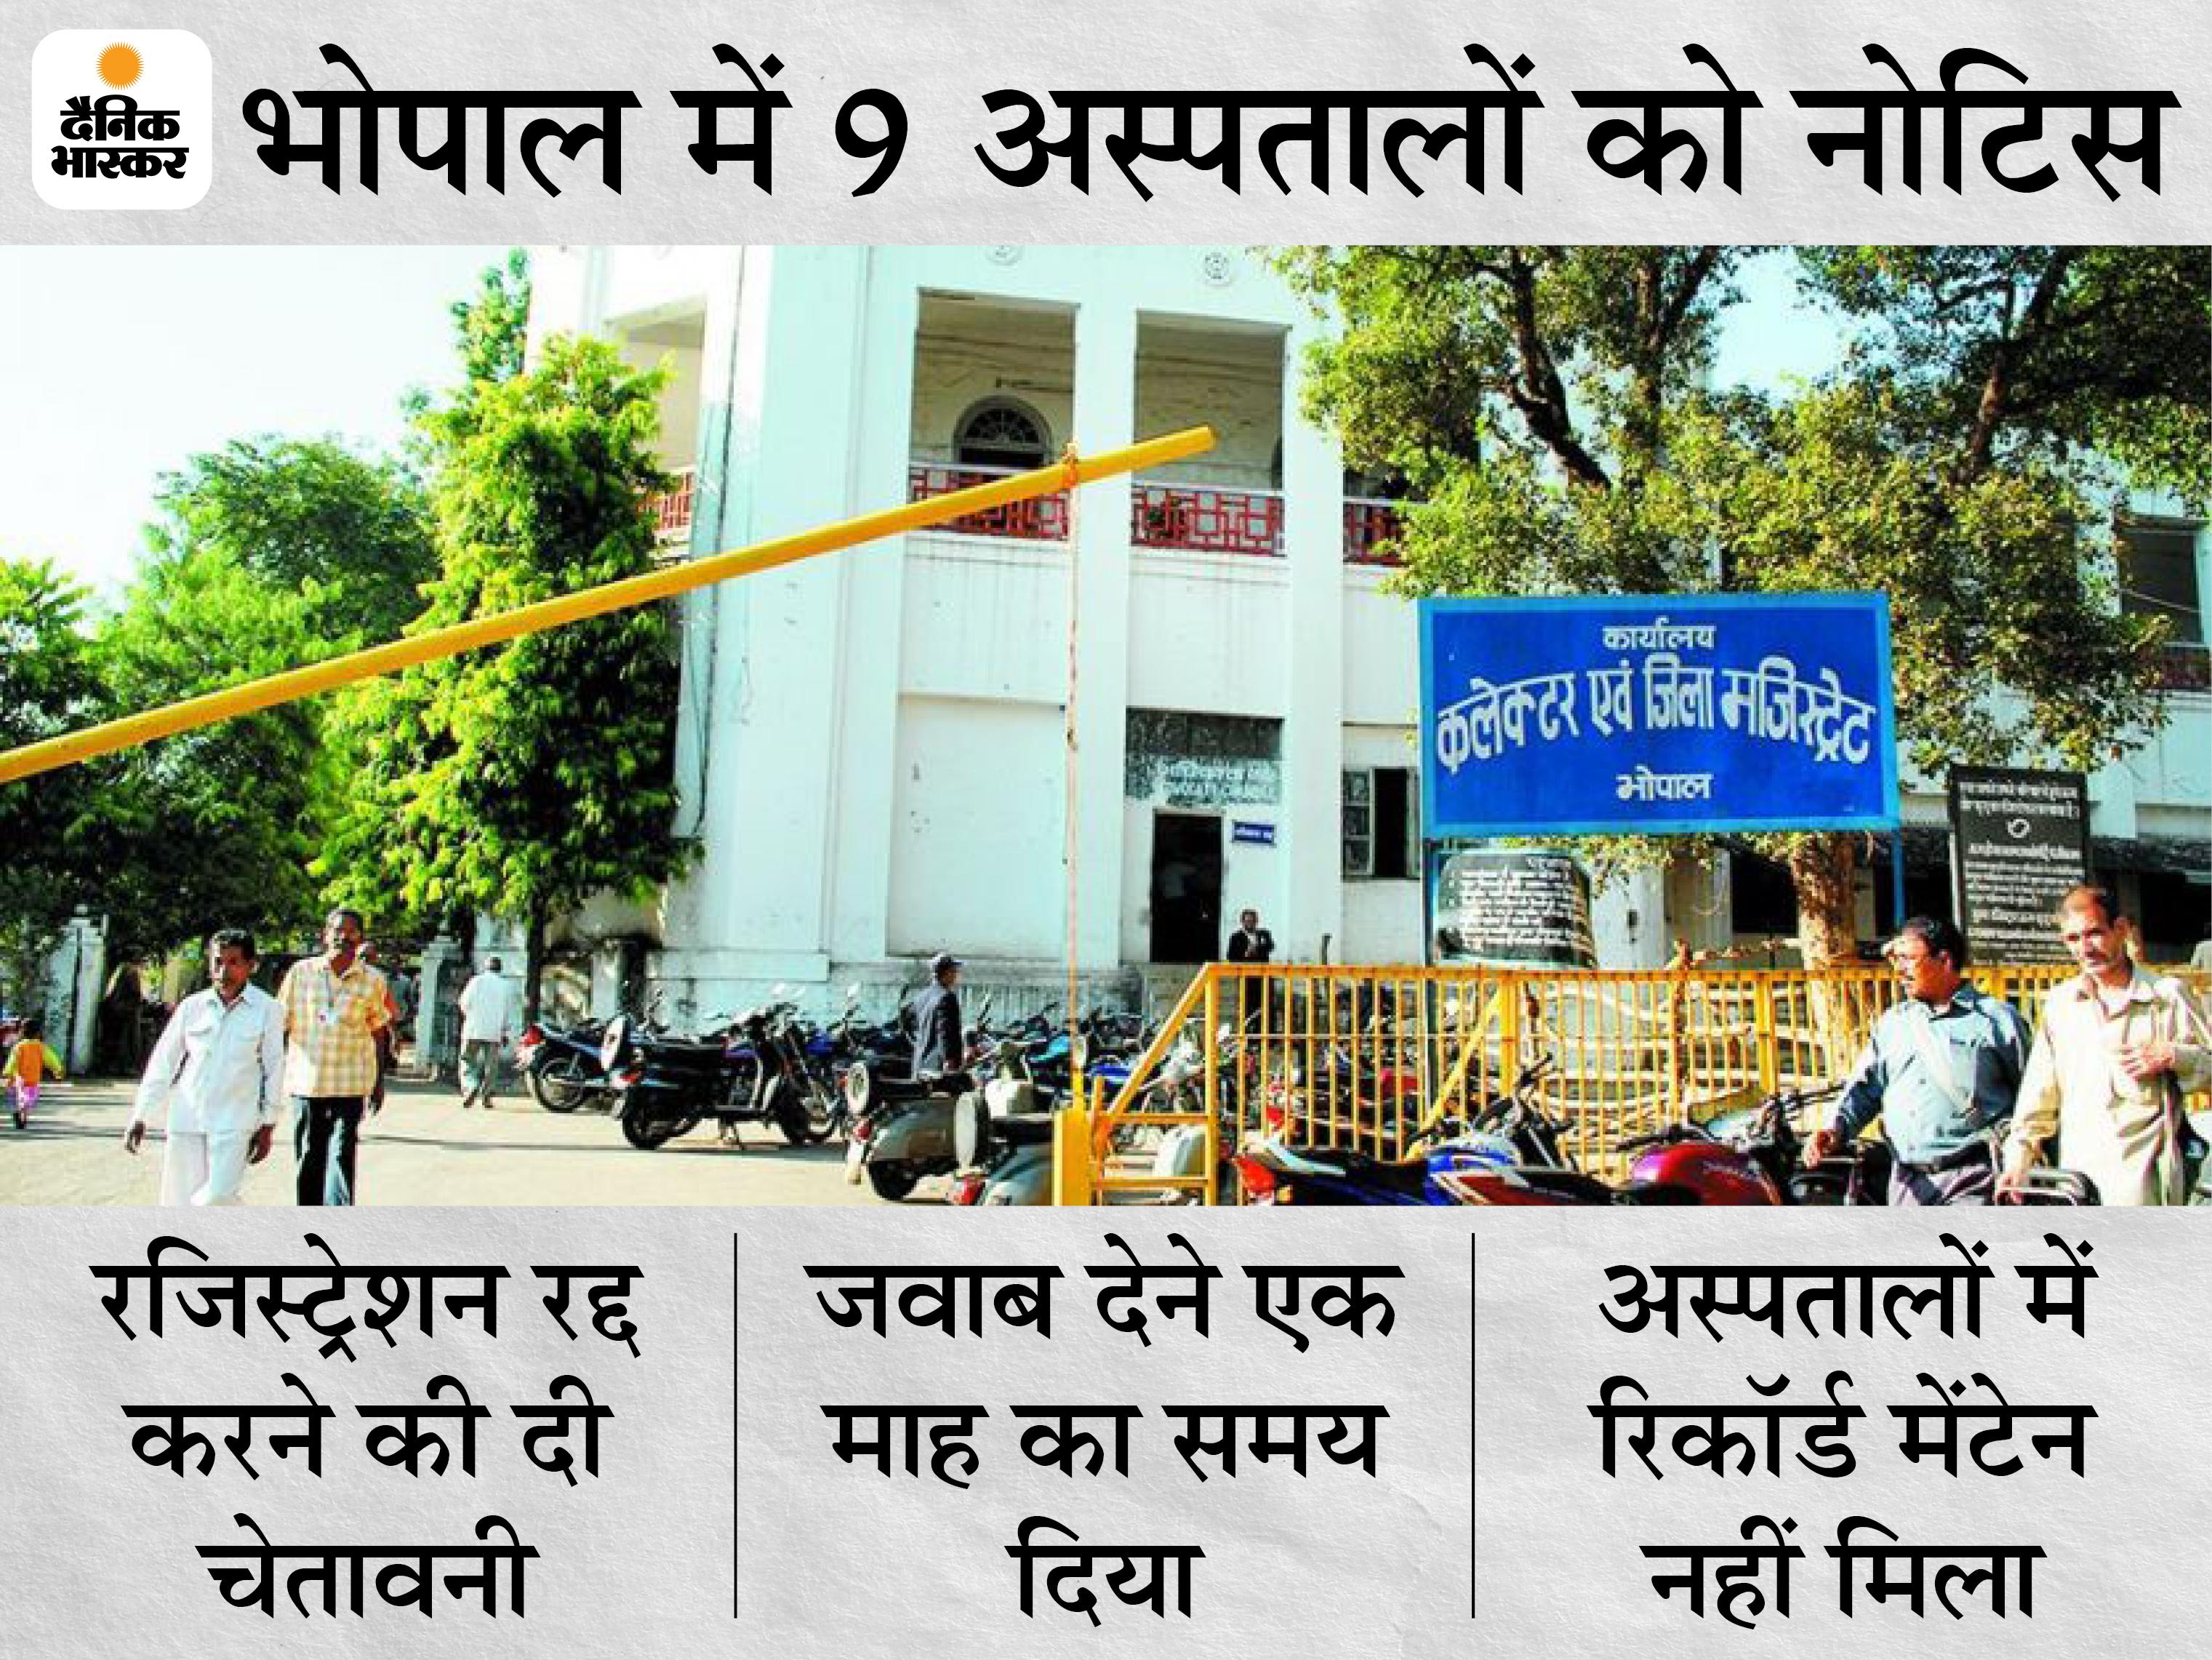 सीएमएचओ को व्यवस्थाओं में मिलीं कई कमियां, 9 अस्पतालों का रजिस्ट्रेशन निरस्त करने का नोटिस दिया|भोपाल,Bhopal - Dainik Bhaskar